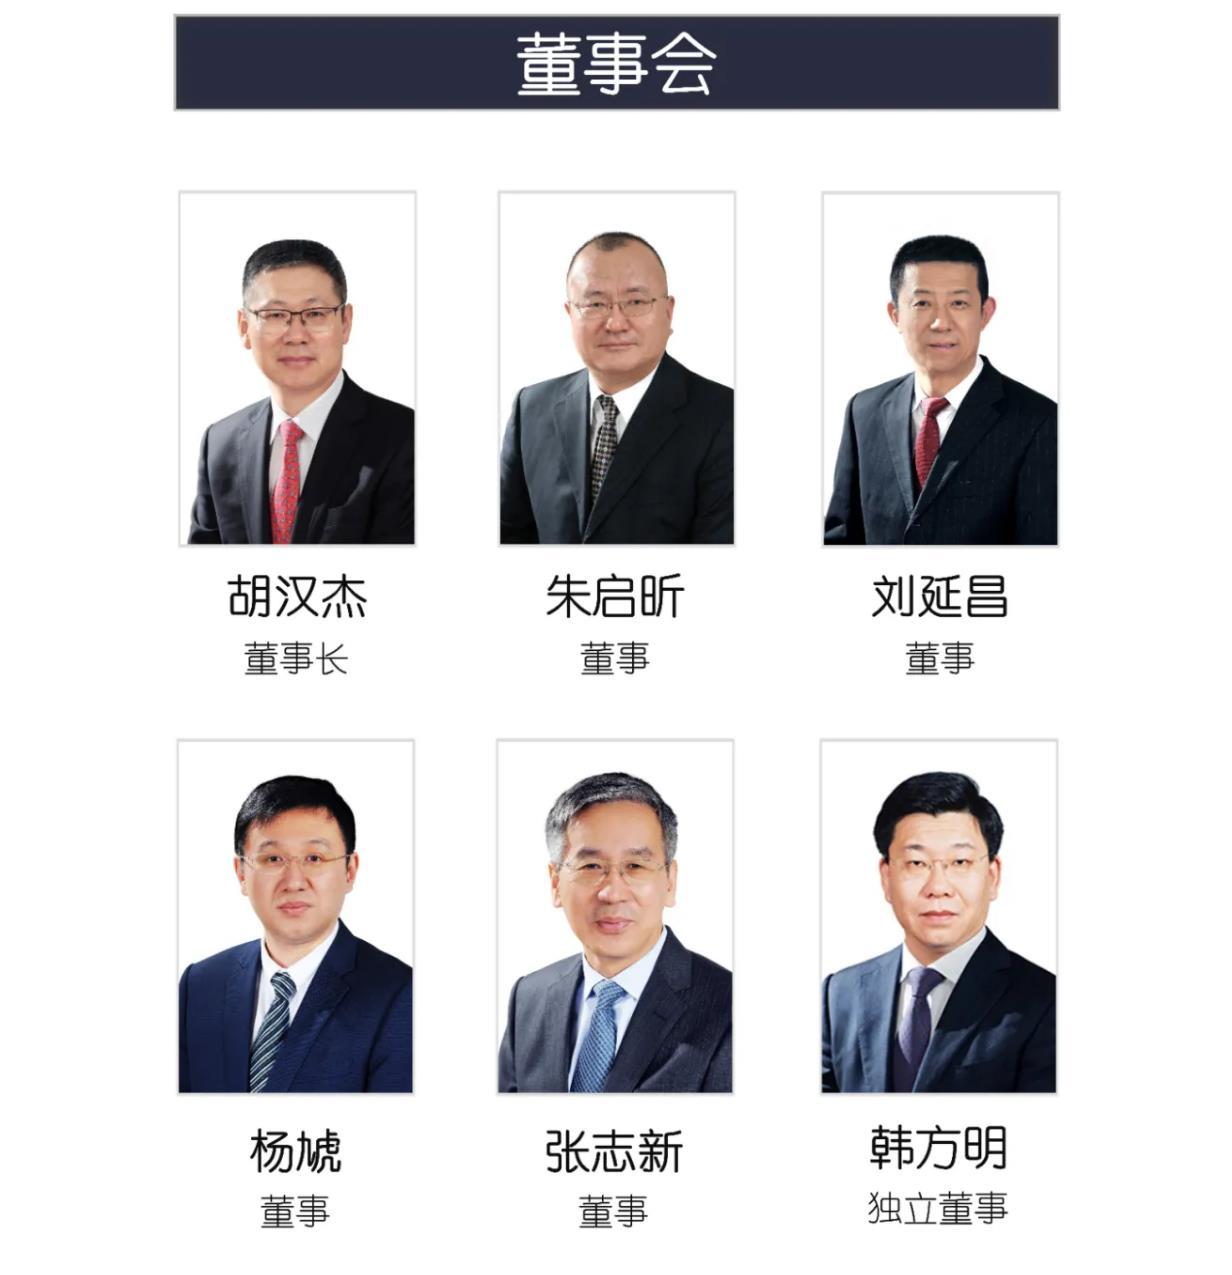 一汽解放重组上市成功 胡汉杰任集团董事长